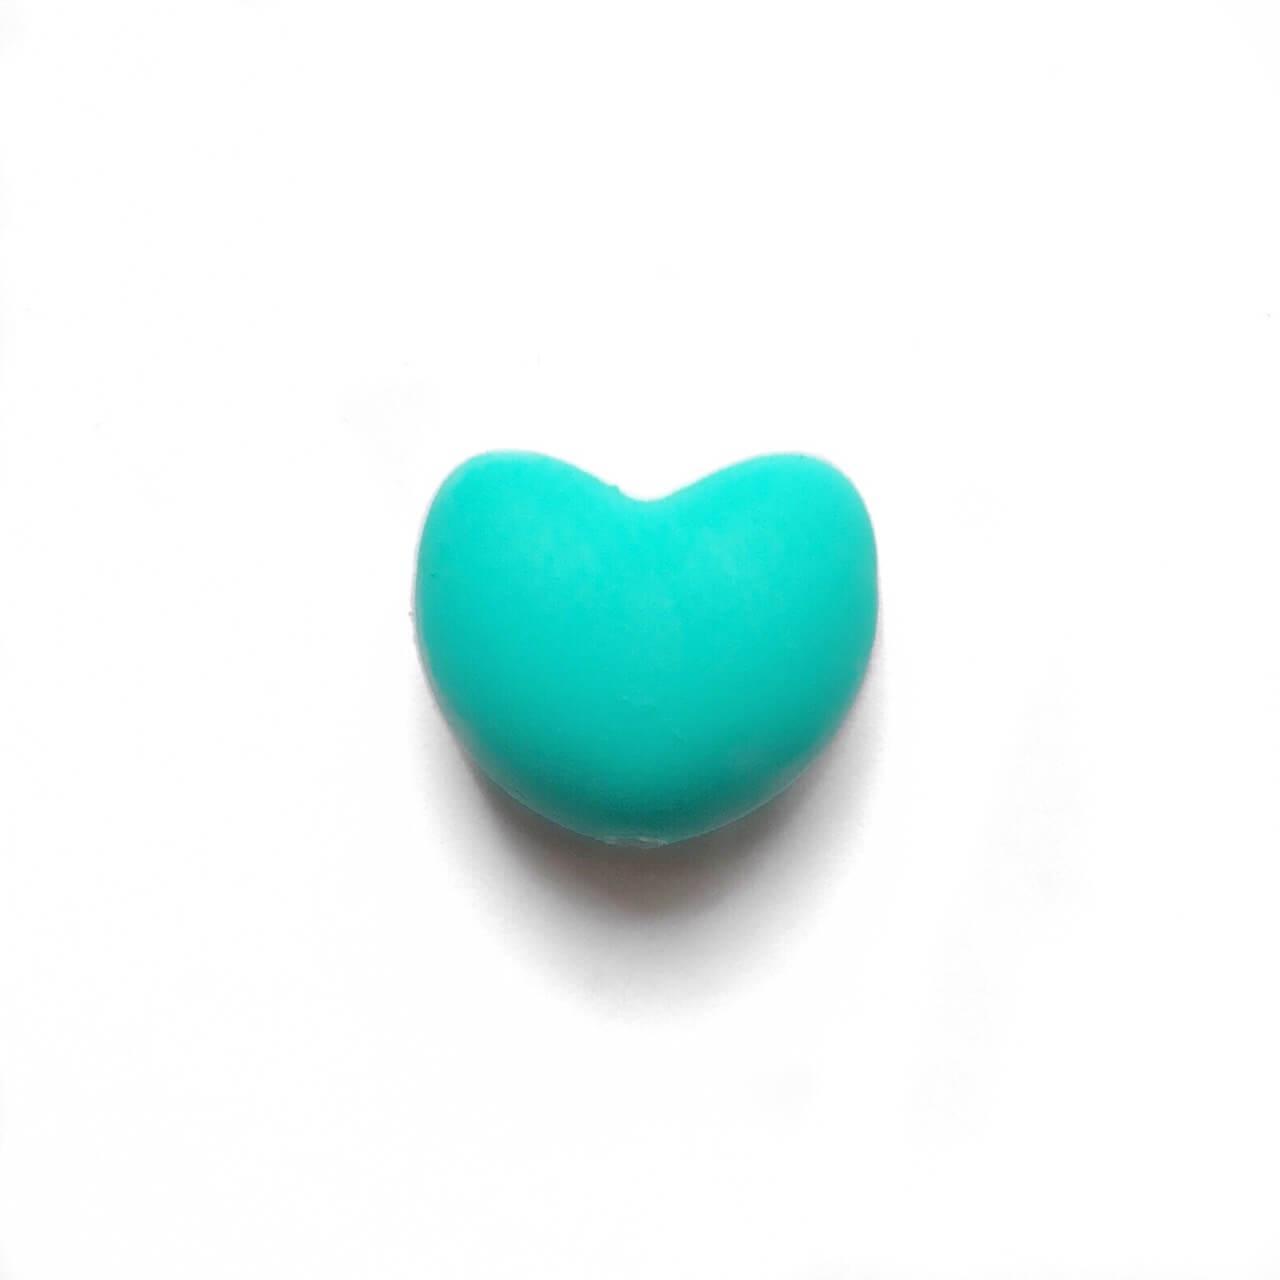 Сердце (бирюза)  силиконовая бусина